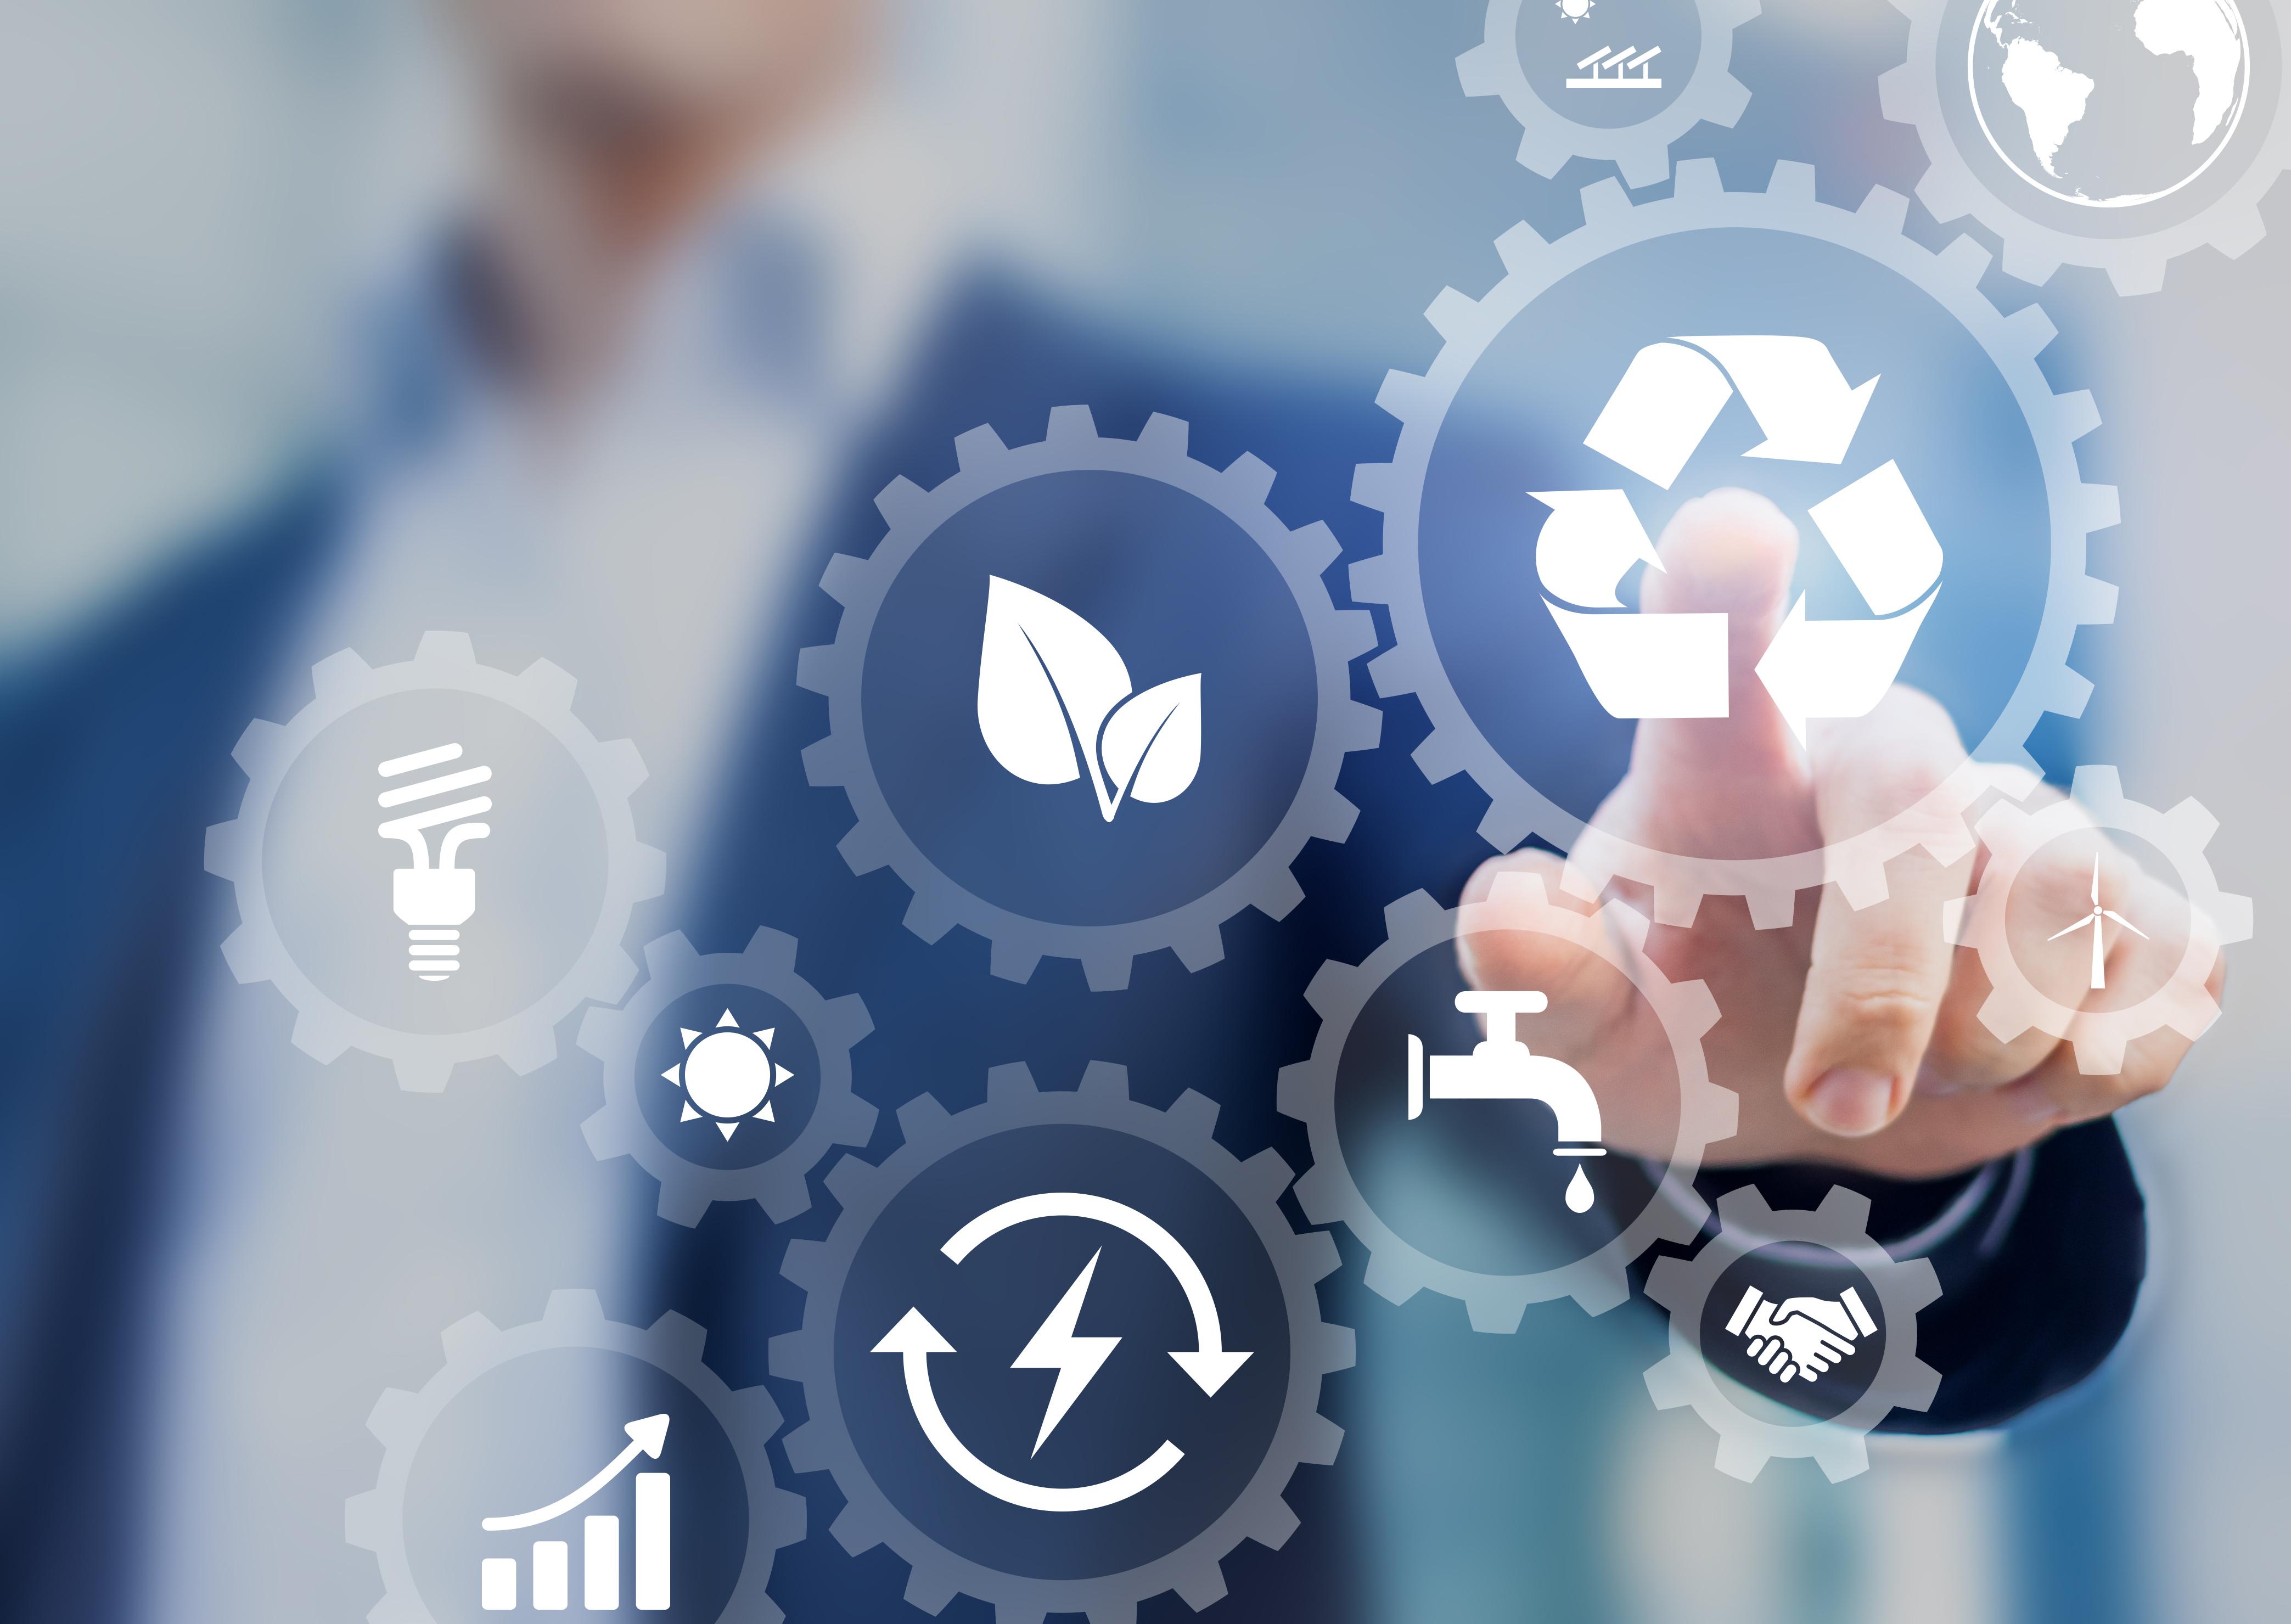 Bærekraft i praksis: Slik jobber Toma med bærekraft og inkludering